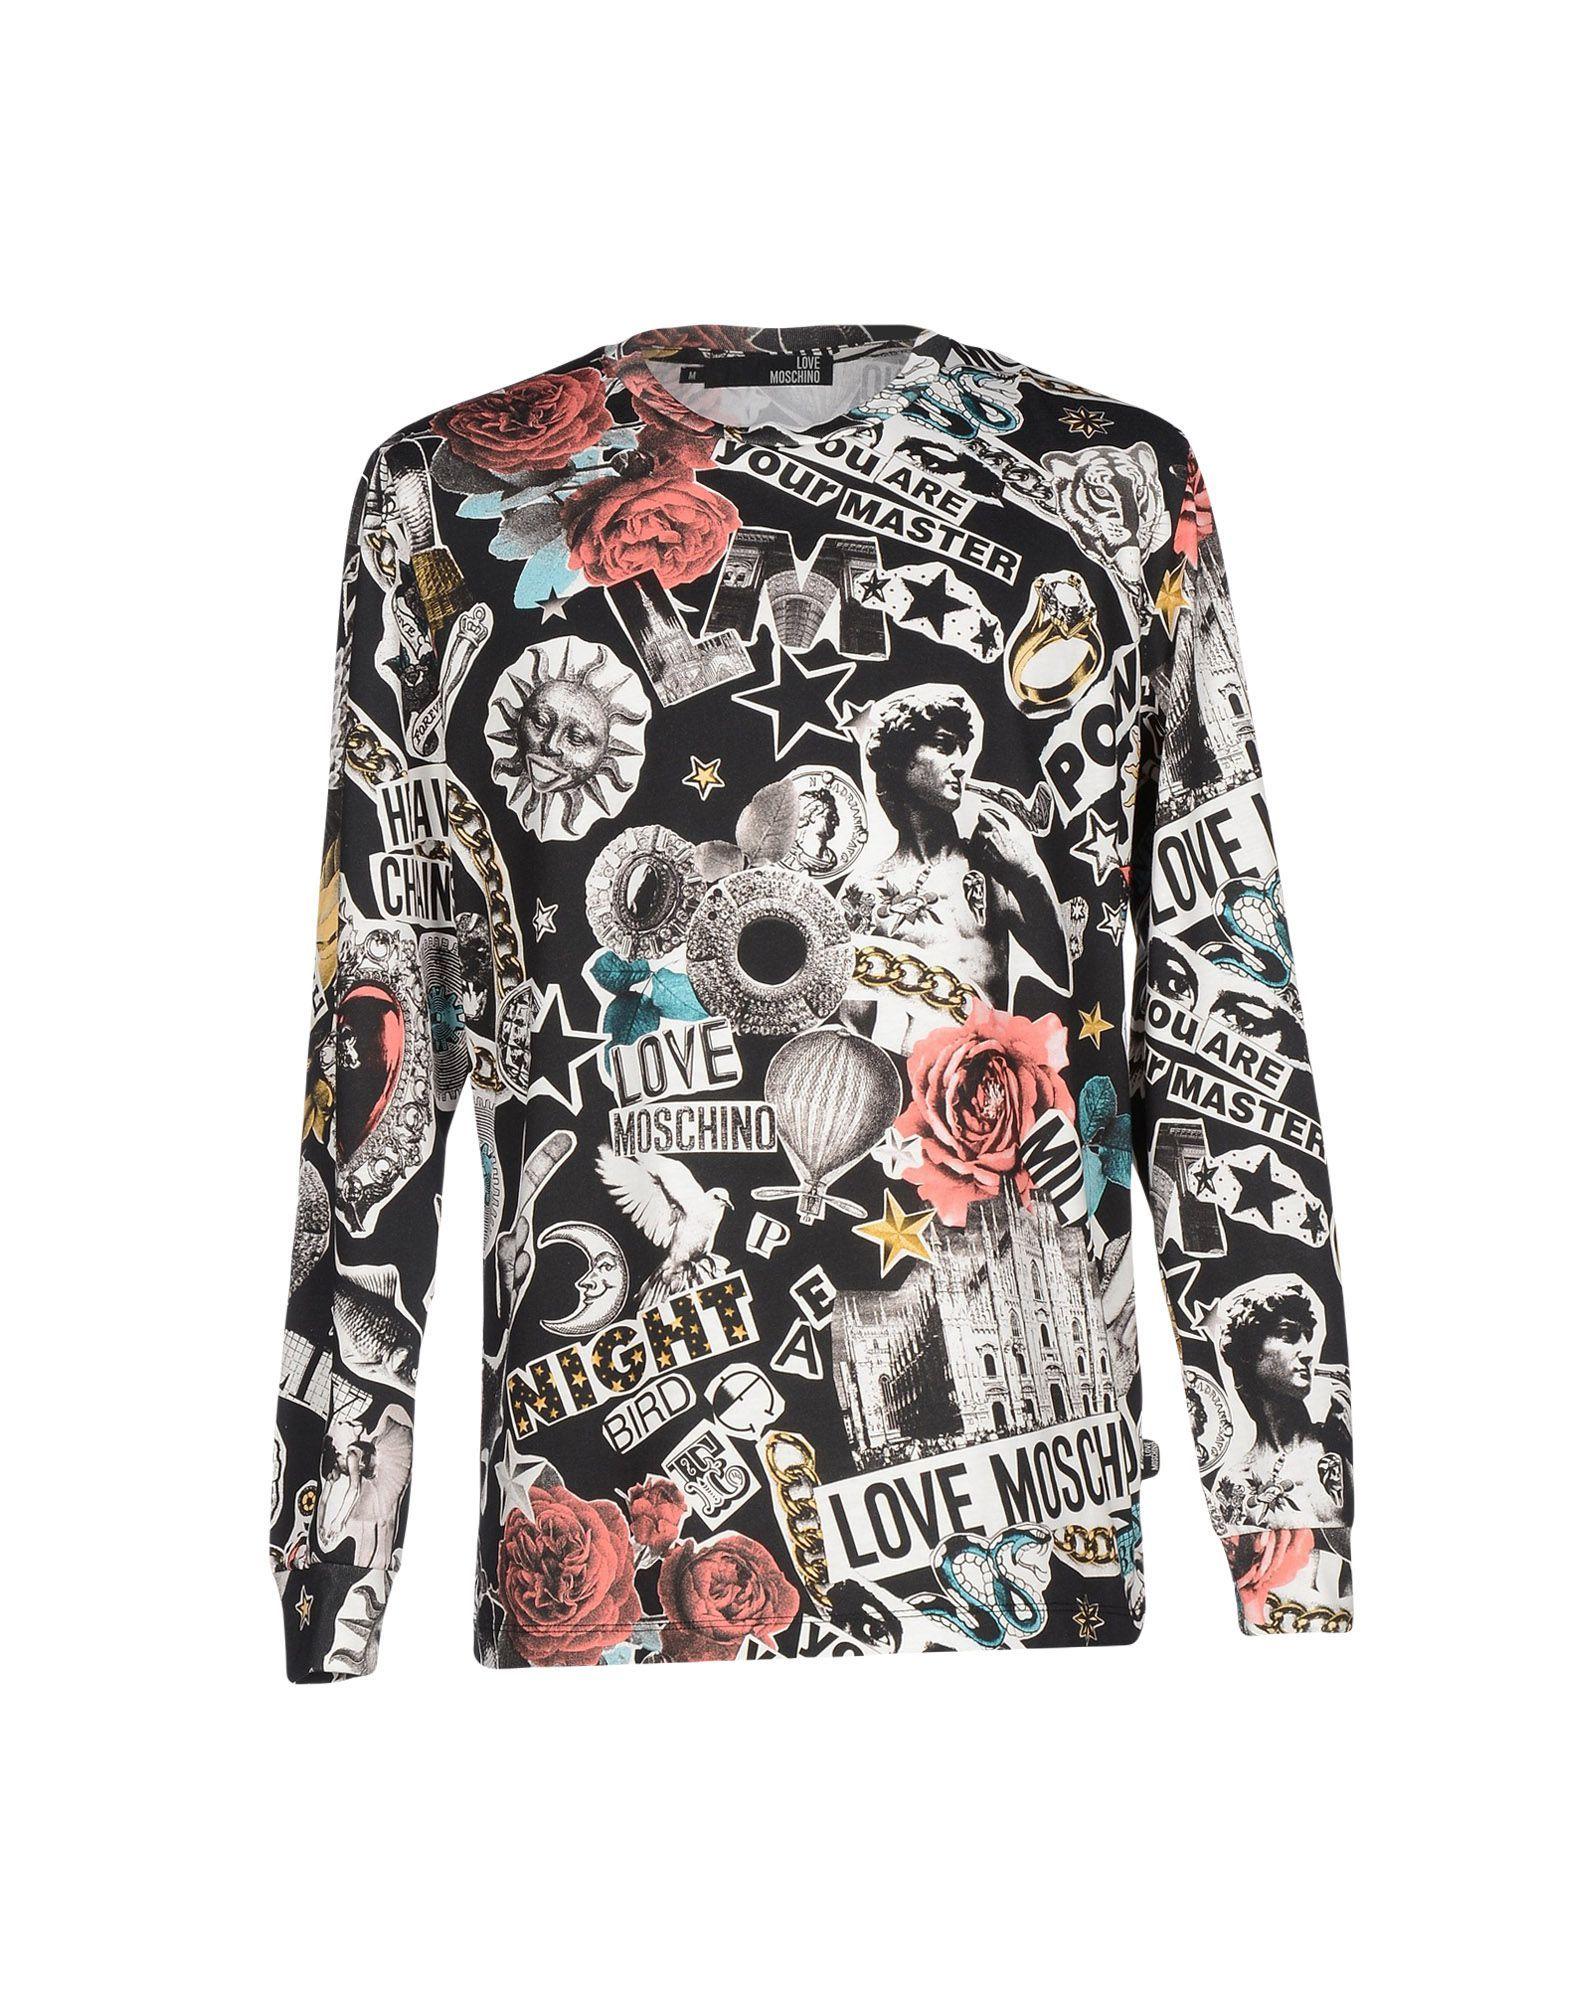 724d2e0336ced Camiseta Love Moschino Hombre - Camisetas Love Moschino en YOOX - 37860676